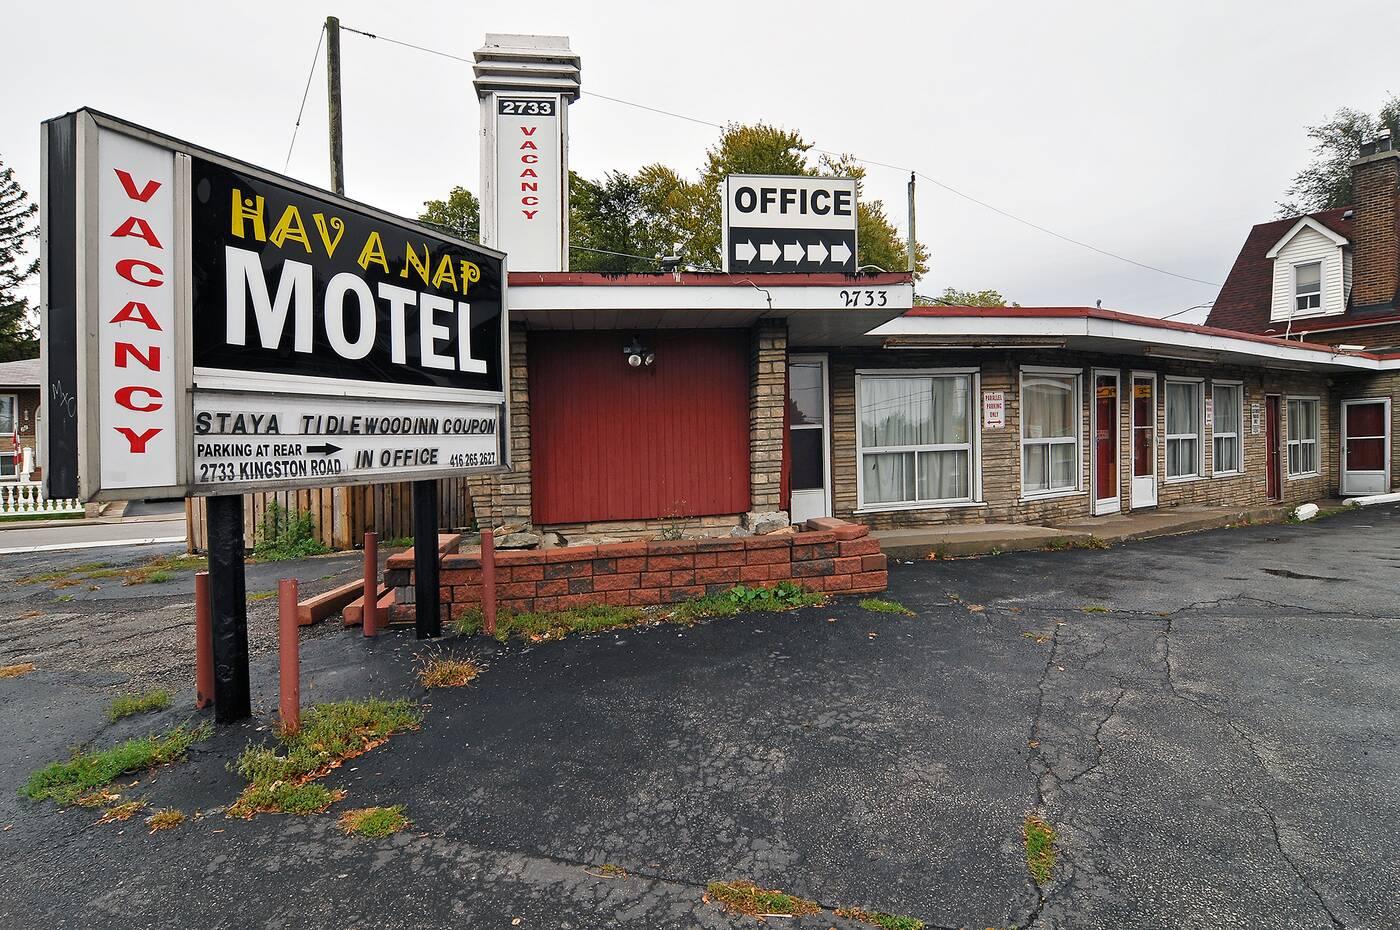 hav nap motel